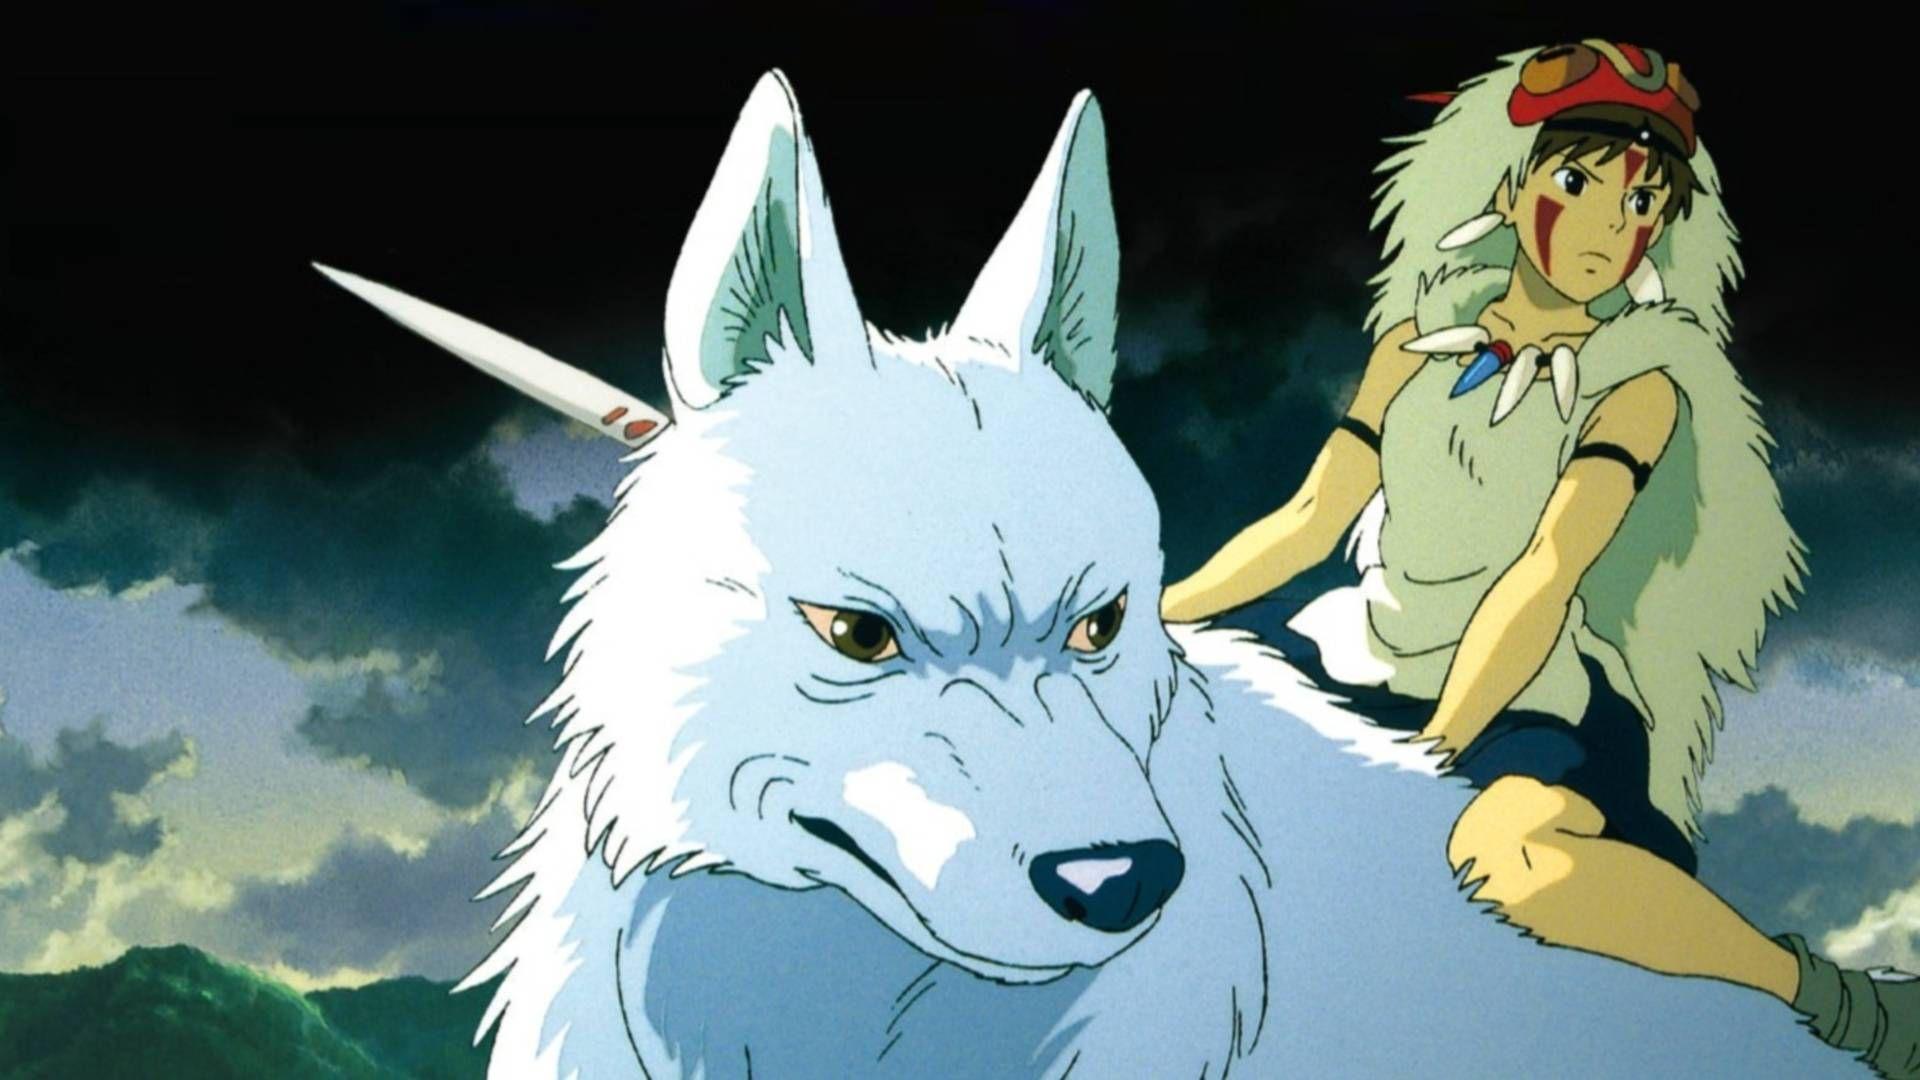 Princess Mononoke Studio Ghibli Wallpaper Princess Mononoke Wallpaper Ghibli Art Princess Mononoke